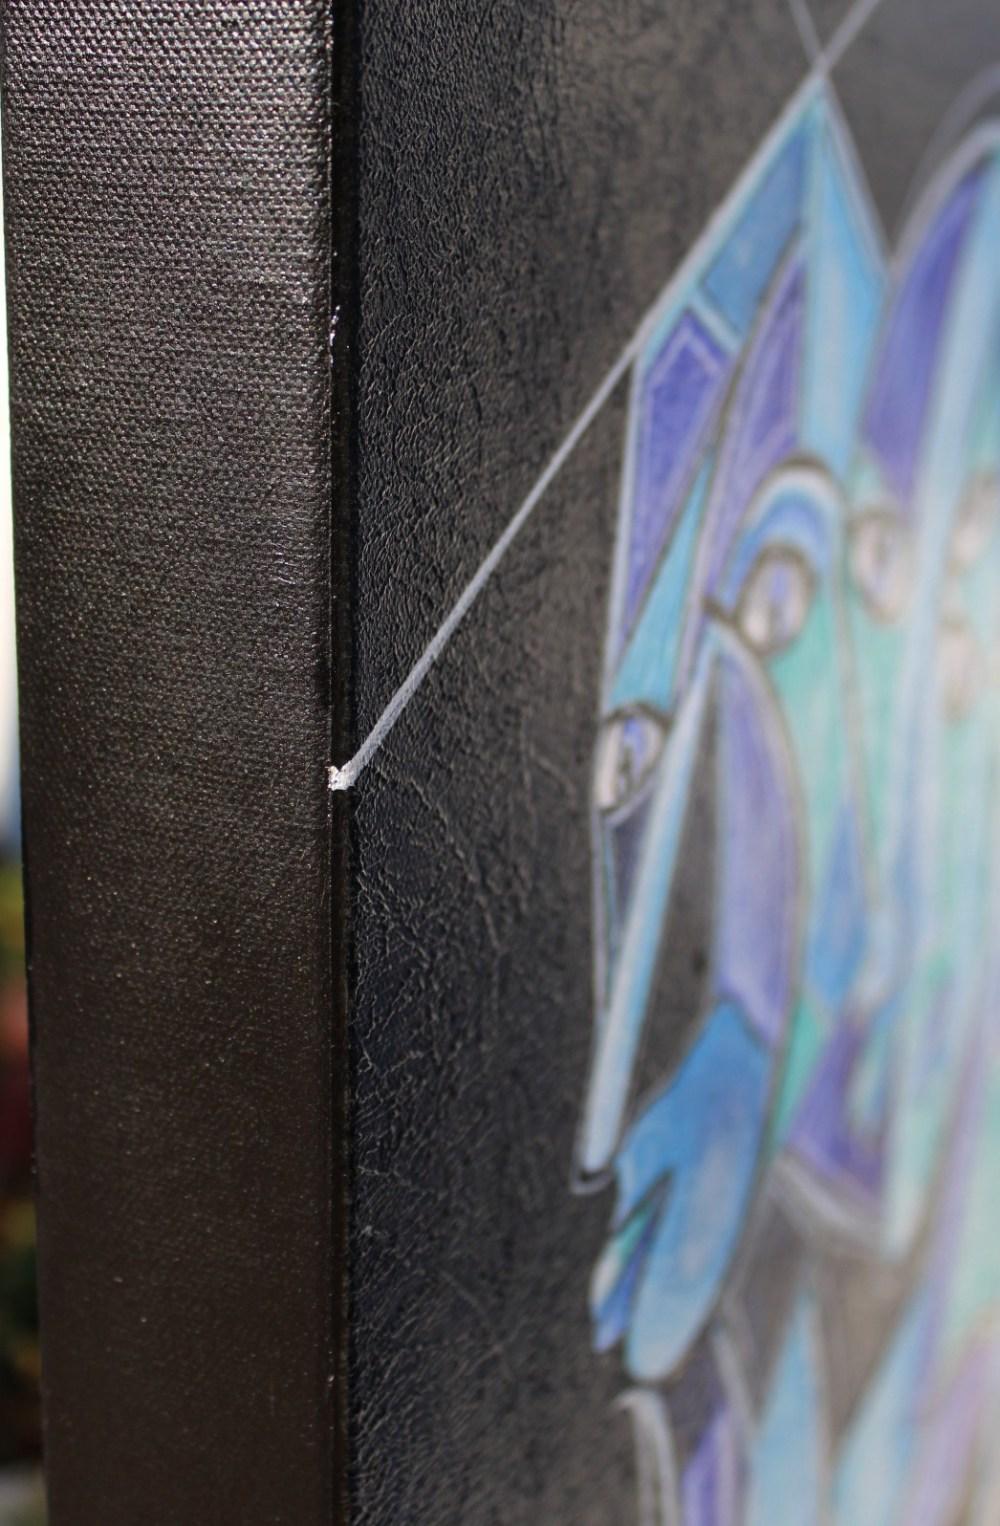 art contemporain peinture contemporaine visages étranges visages bleus cubisme cubism